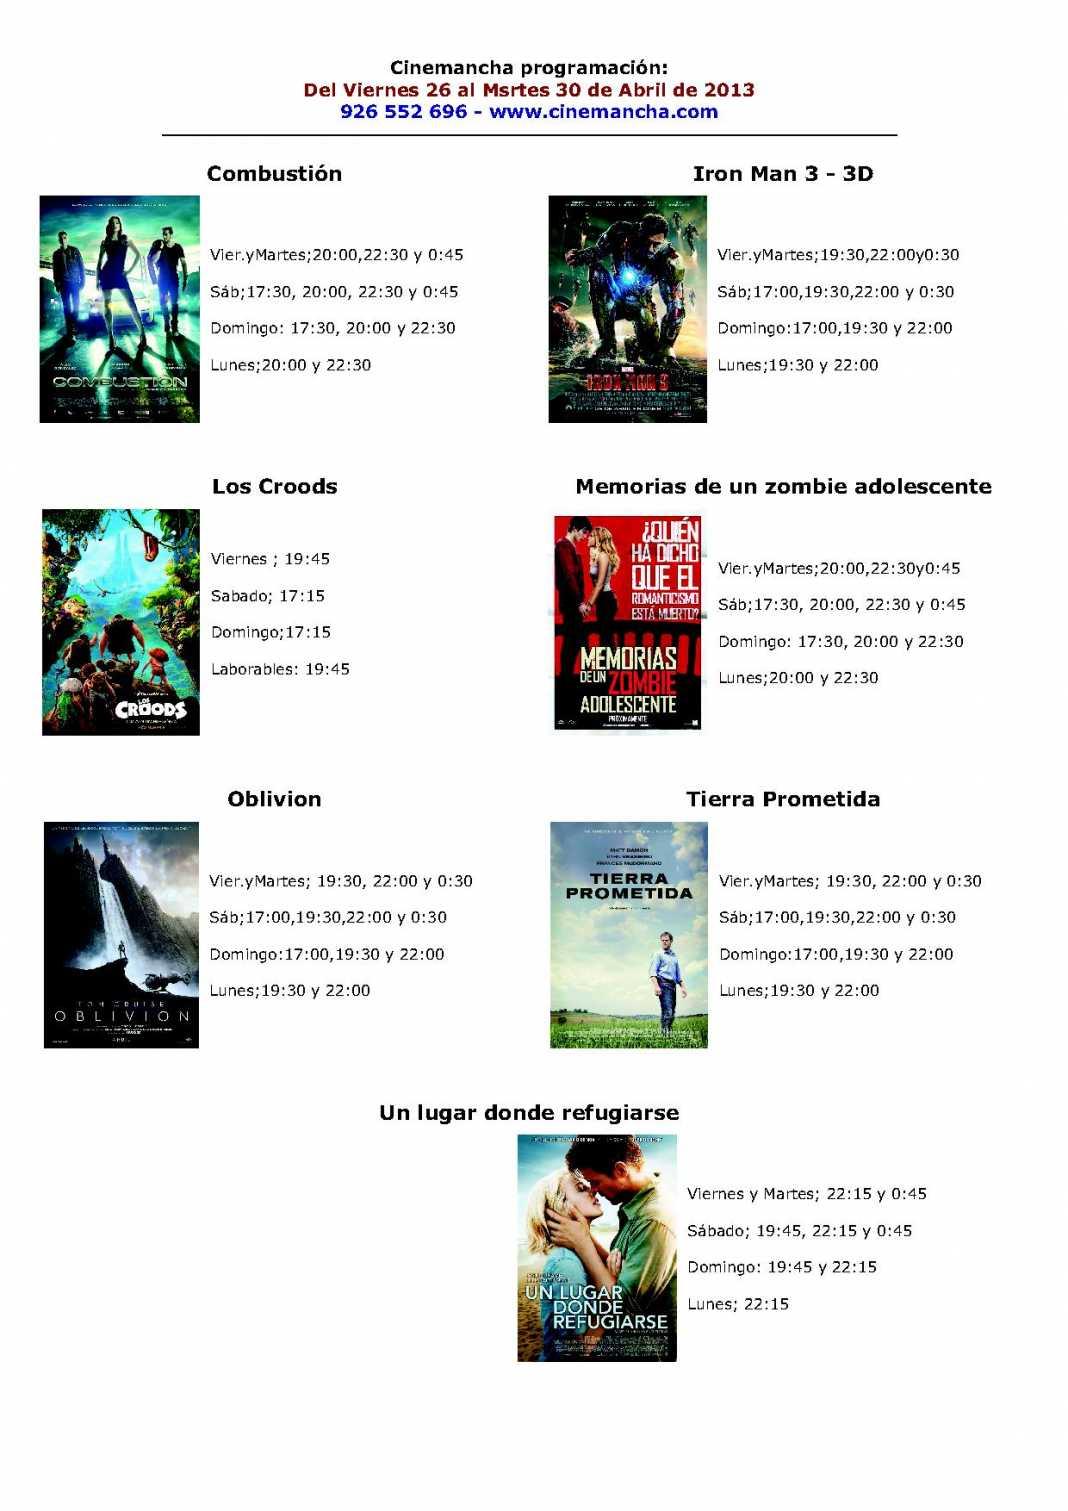 Programación Cinemancha del viernes 26 al martes 30 de abril. 1